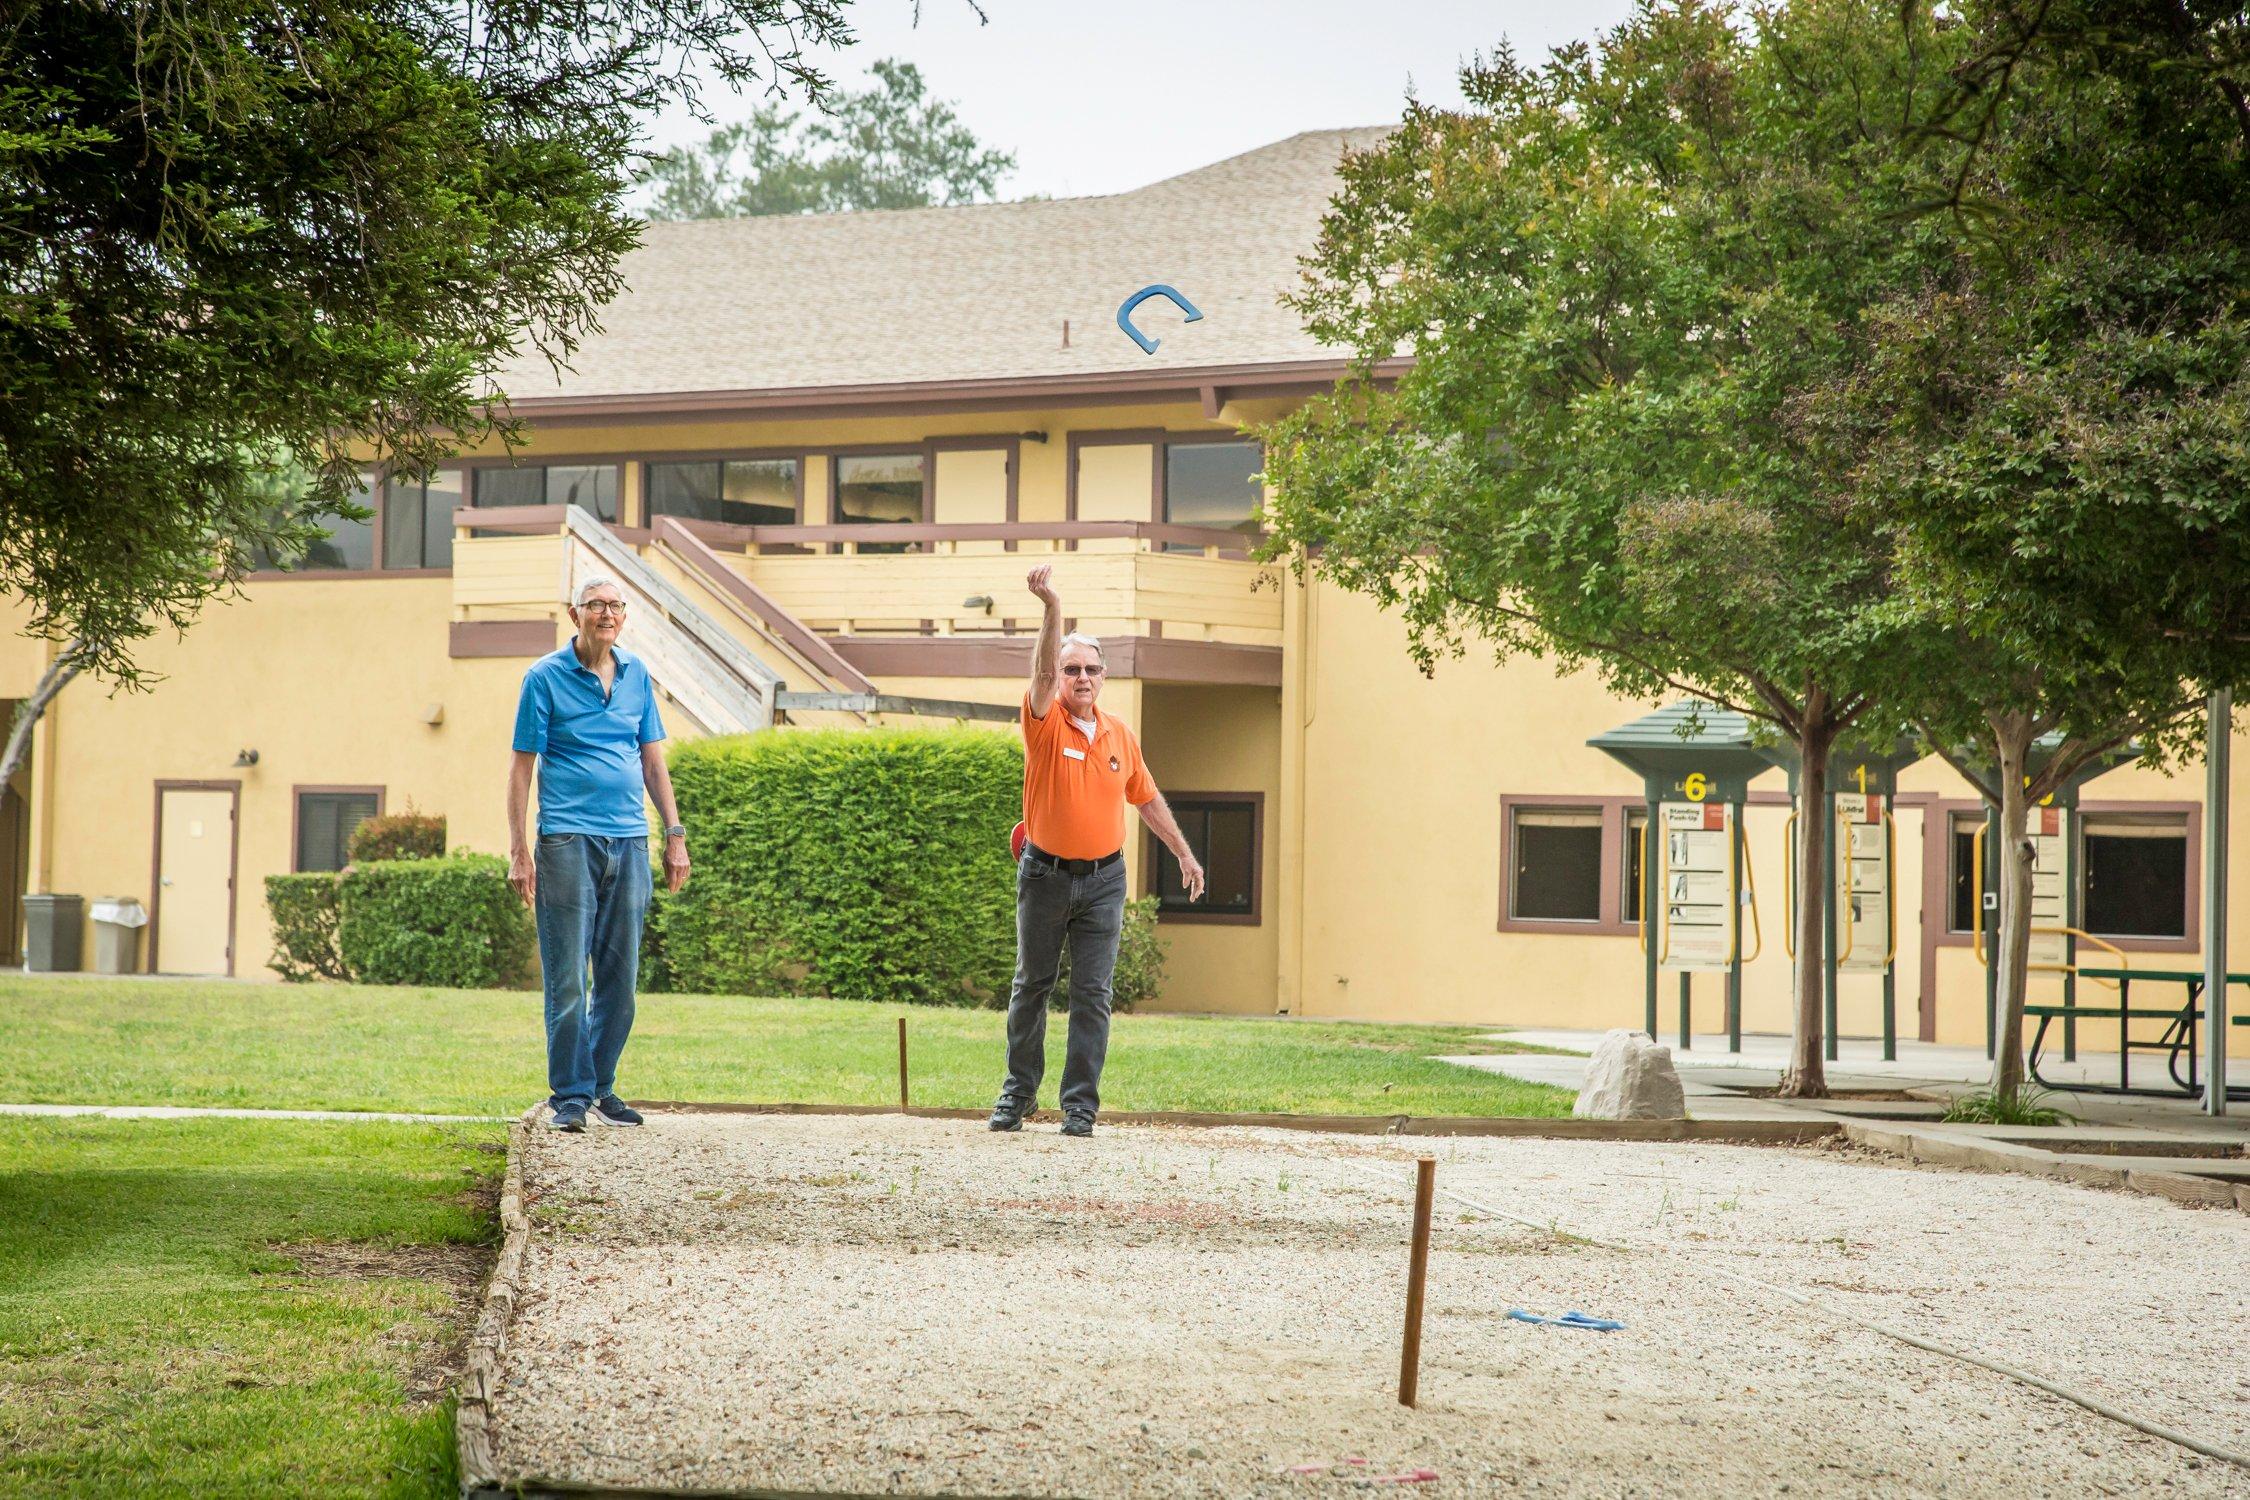 2 men throwing horseshoes